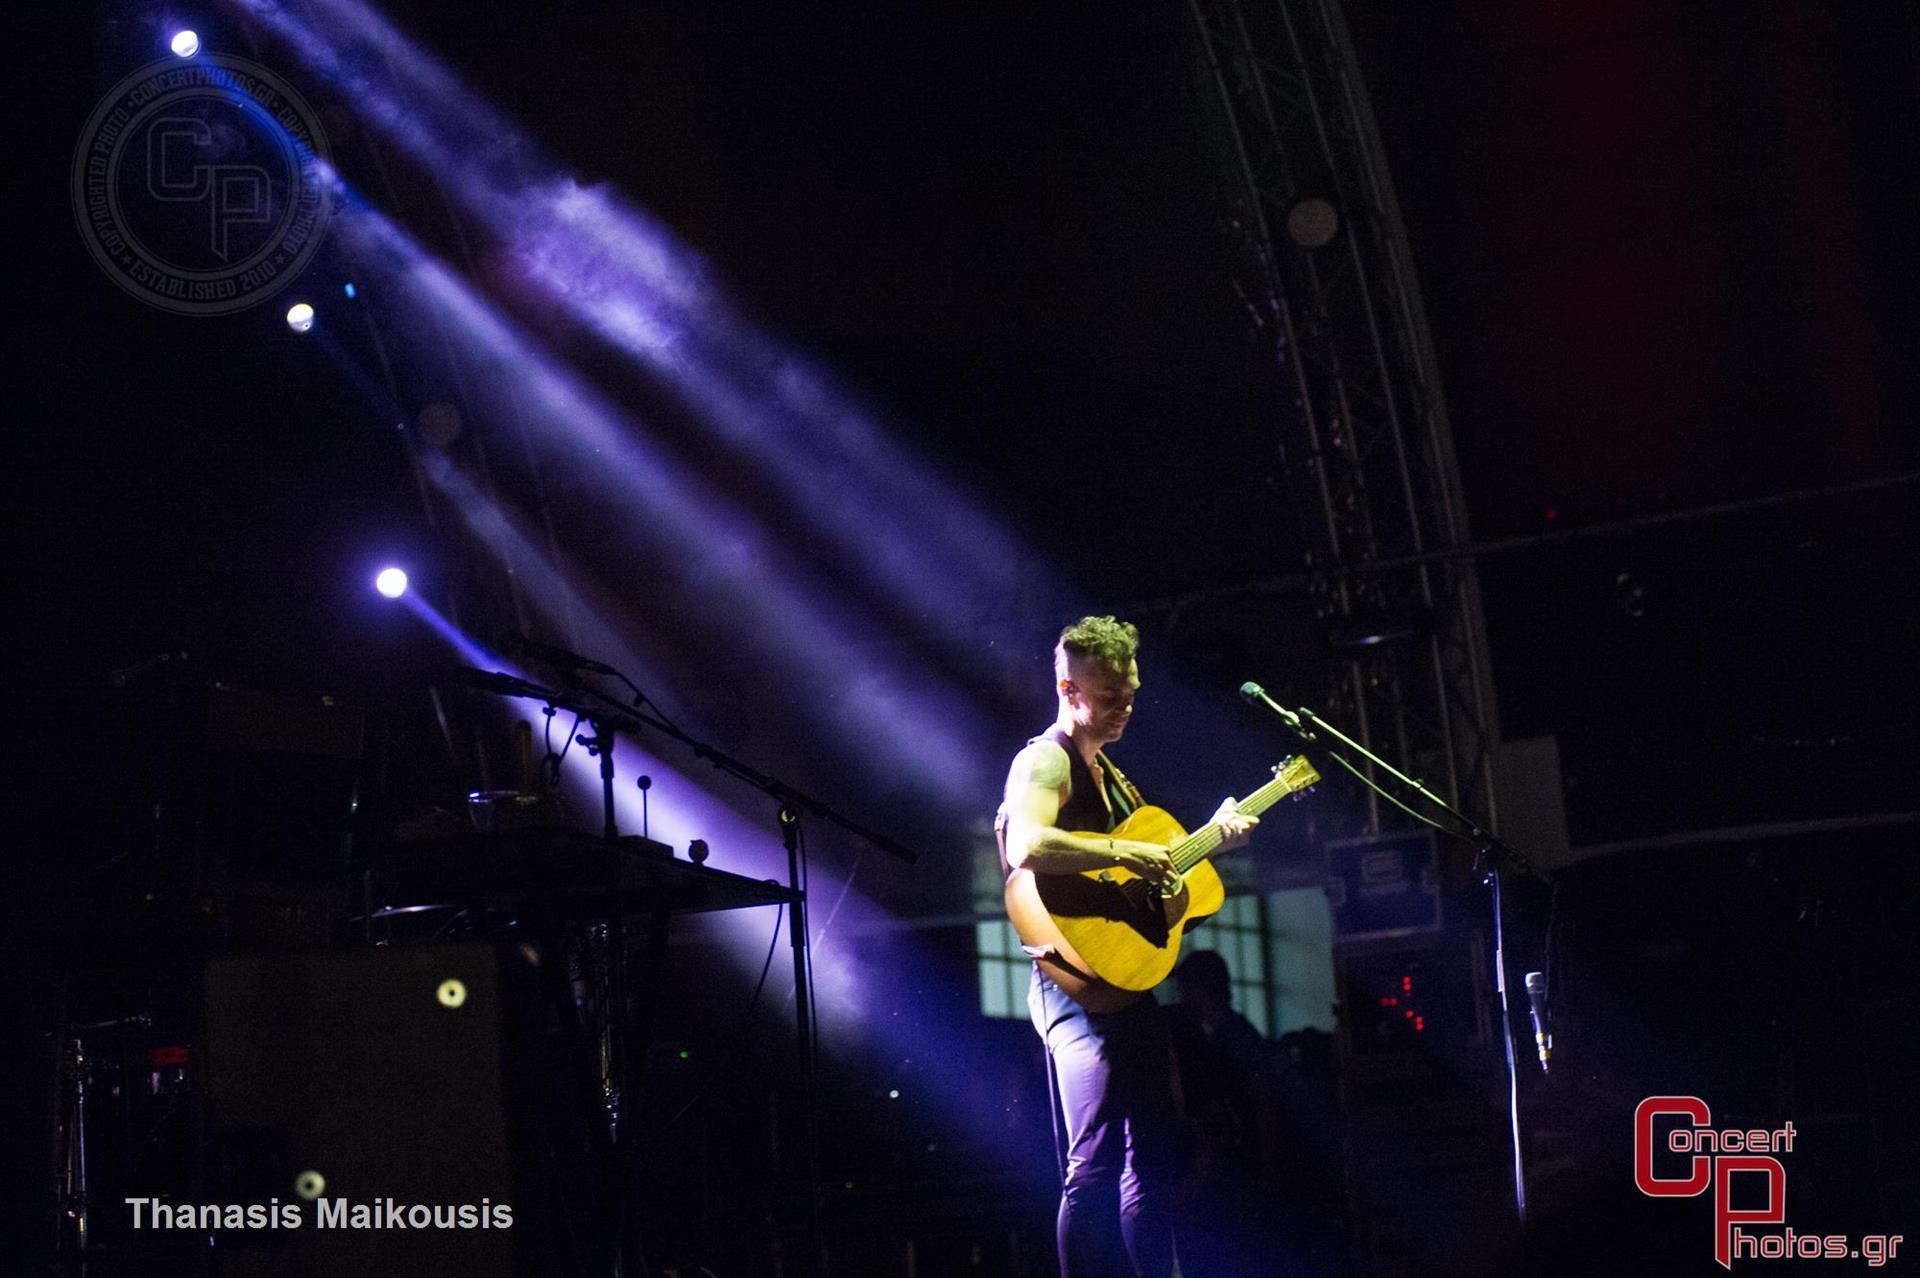 Asaf Avidan-Asaf Avidan photographer: Thanasis Maikousis - ConcertPhotos - 20150624_2215_36